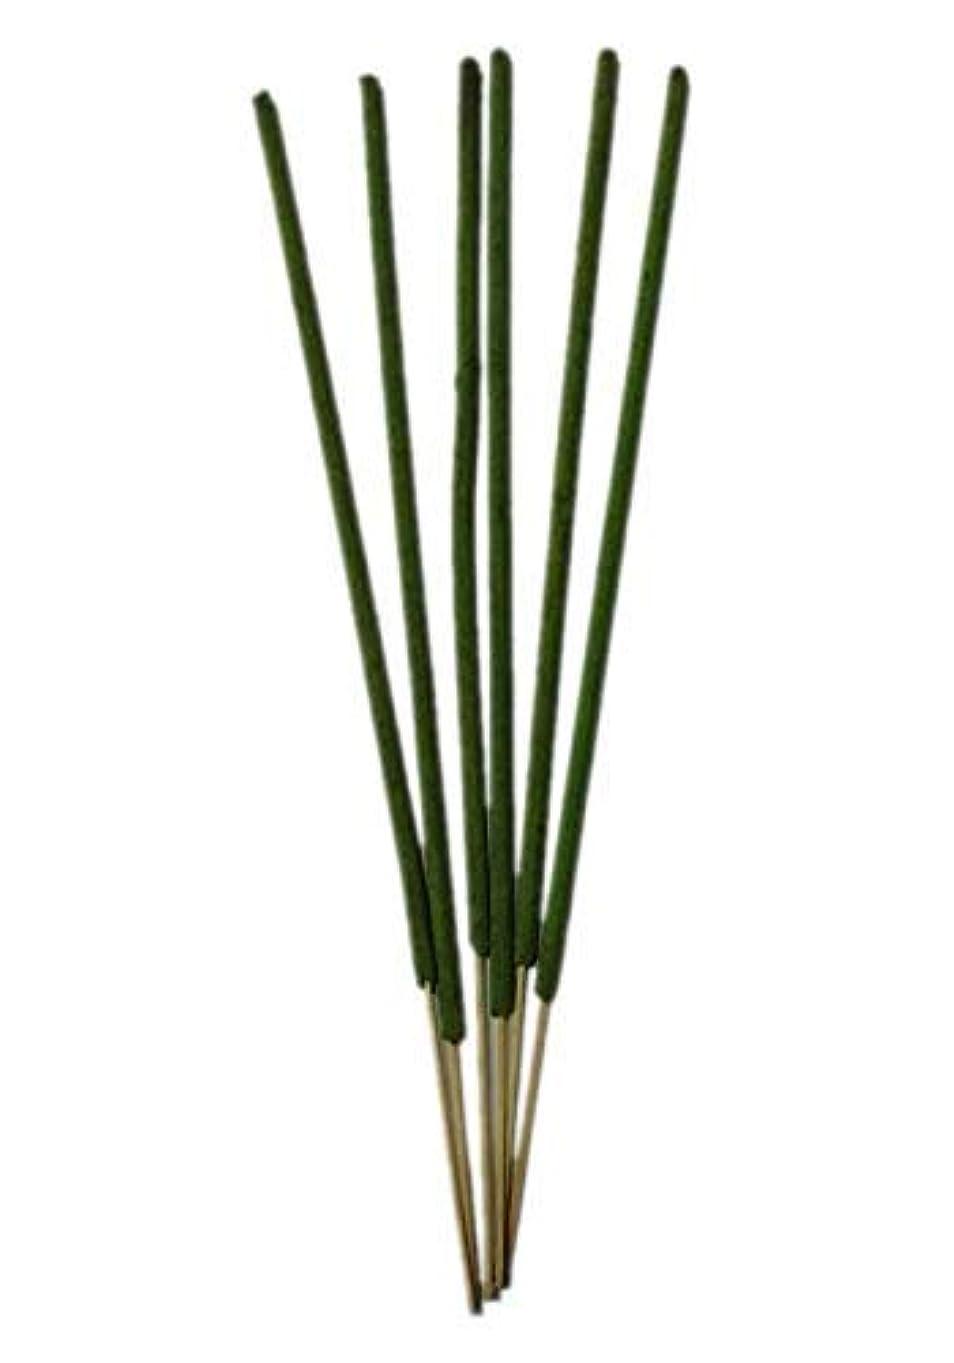 サッカー達成するトラフィックAMUL Agarbatti Green Incense Sticks (1 Kg. Pack)